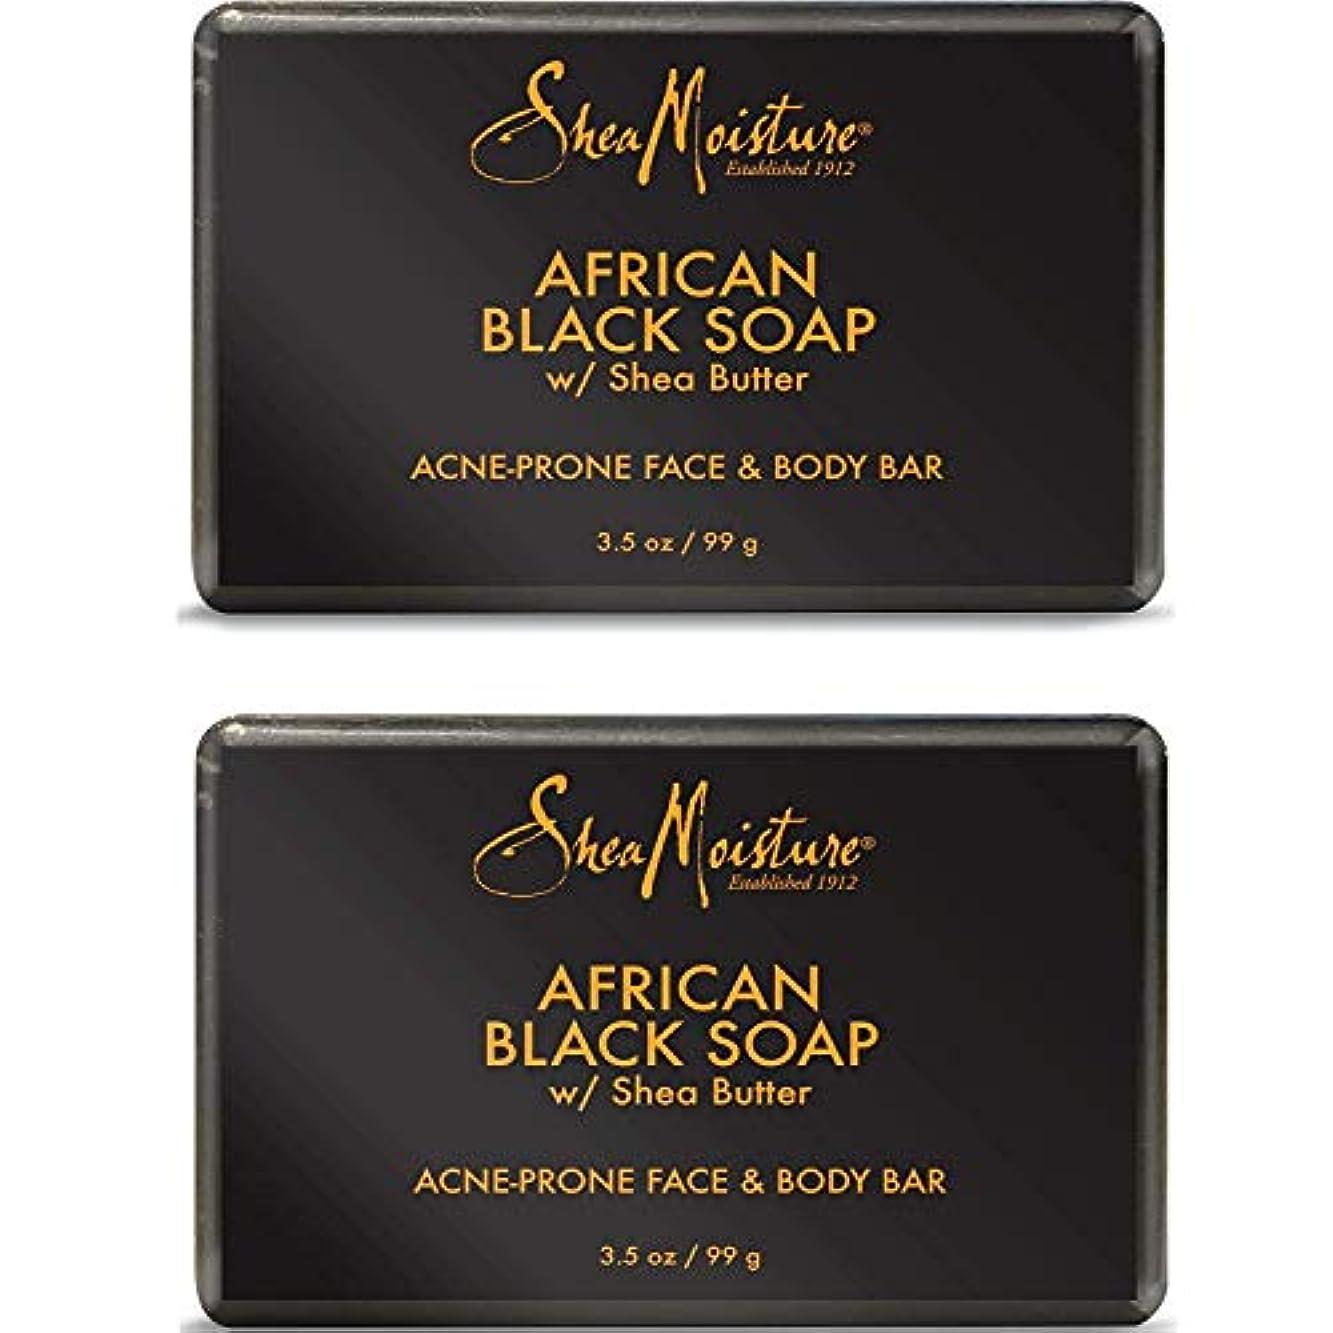 有限最初アスレチックShea Moisture アフリカンブラックソープバー、3.5オズ、2パック 2パック